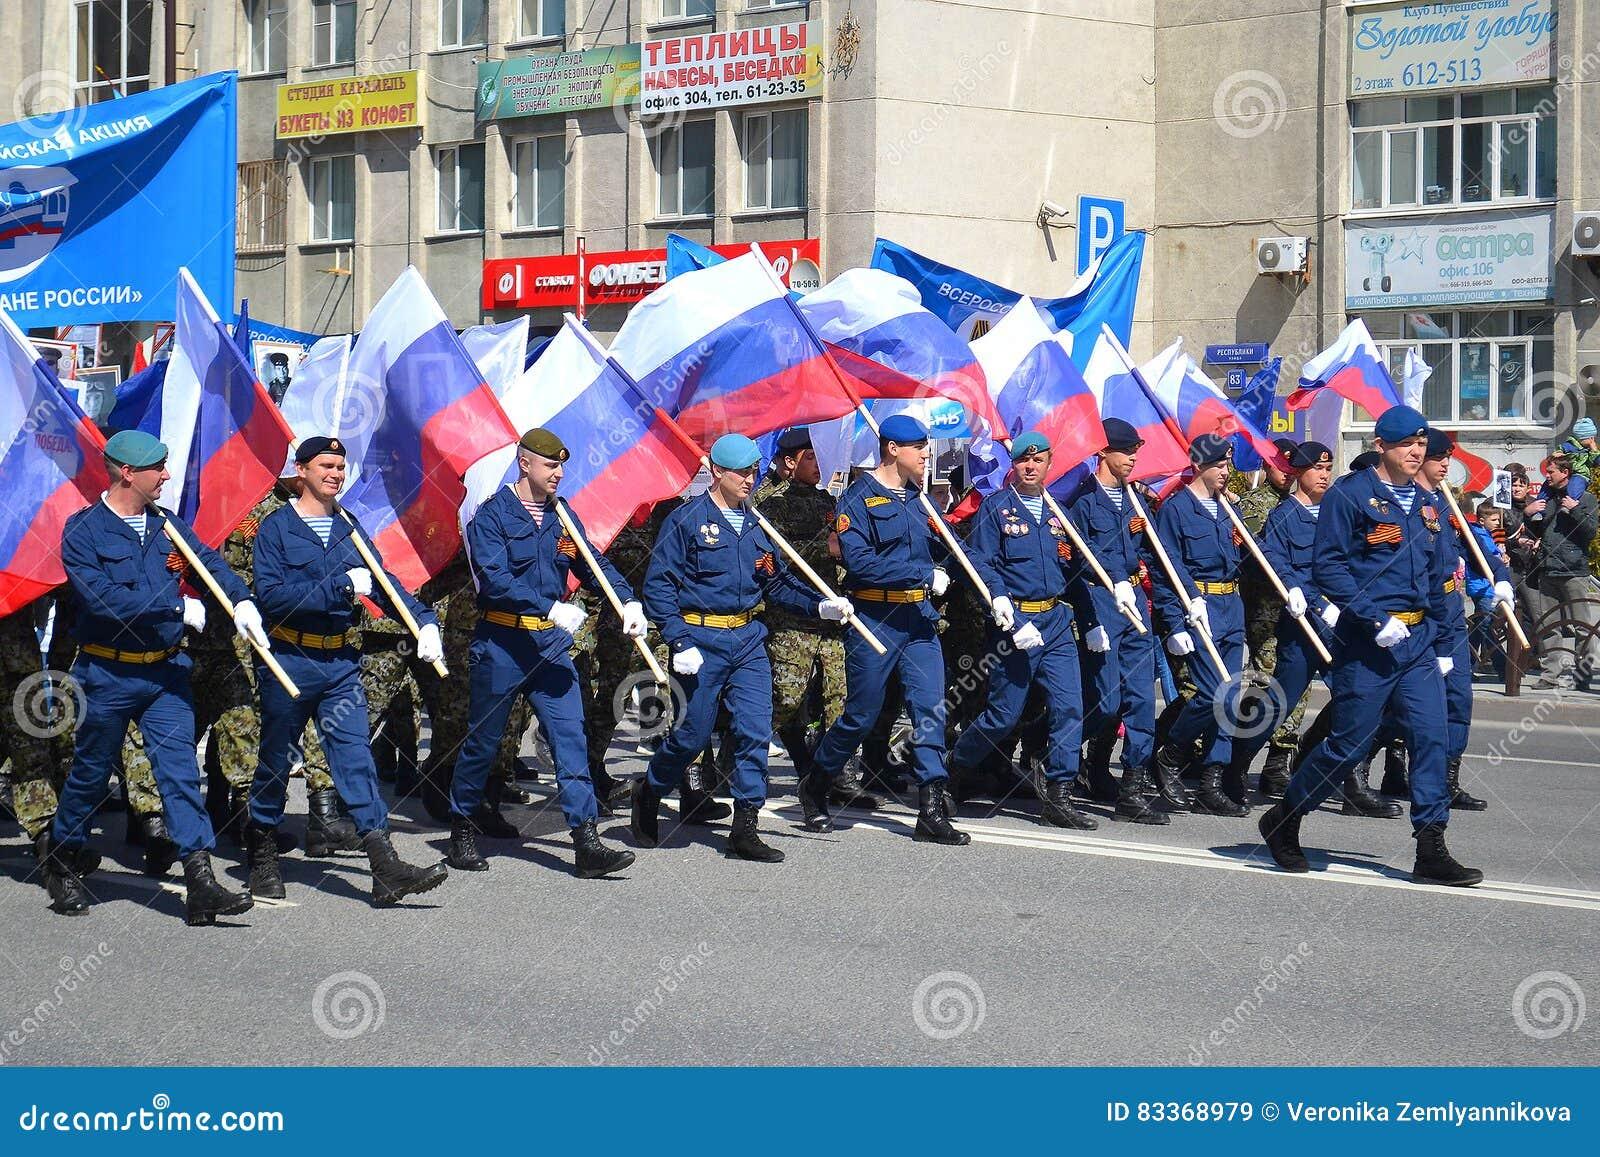 La gente en uniforme con las banderas de la Federación Rusa participa